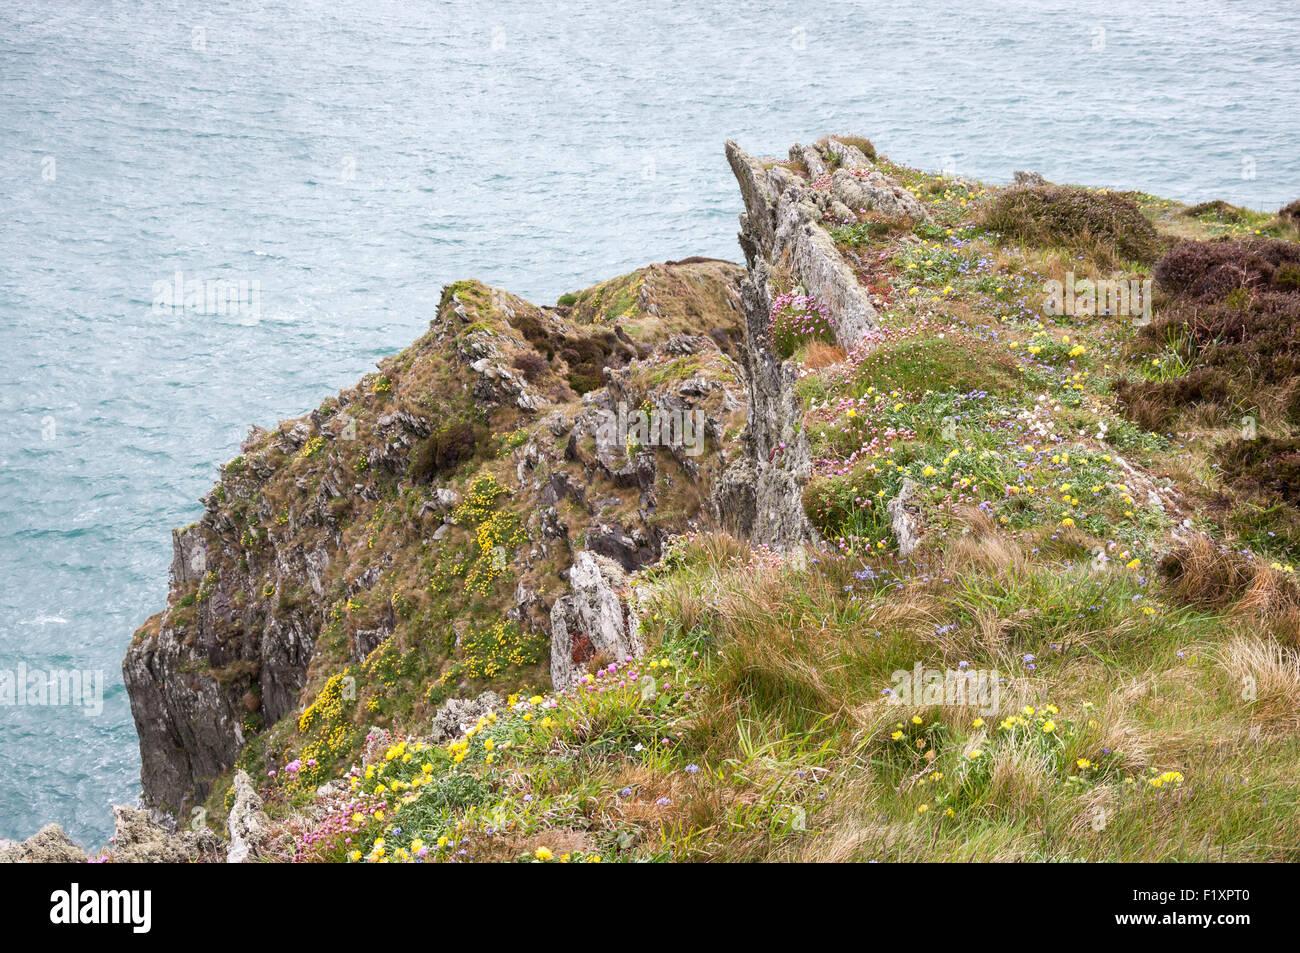 La molla fiori selvaggi sulle scogliere nel nord Pembrokeshire, Galles. Foto Stock